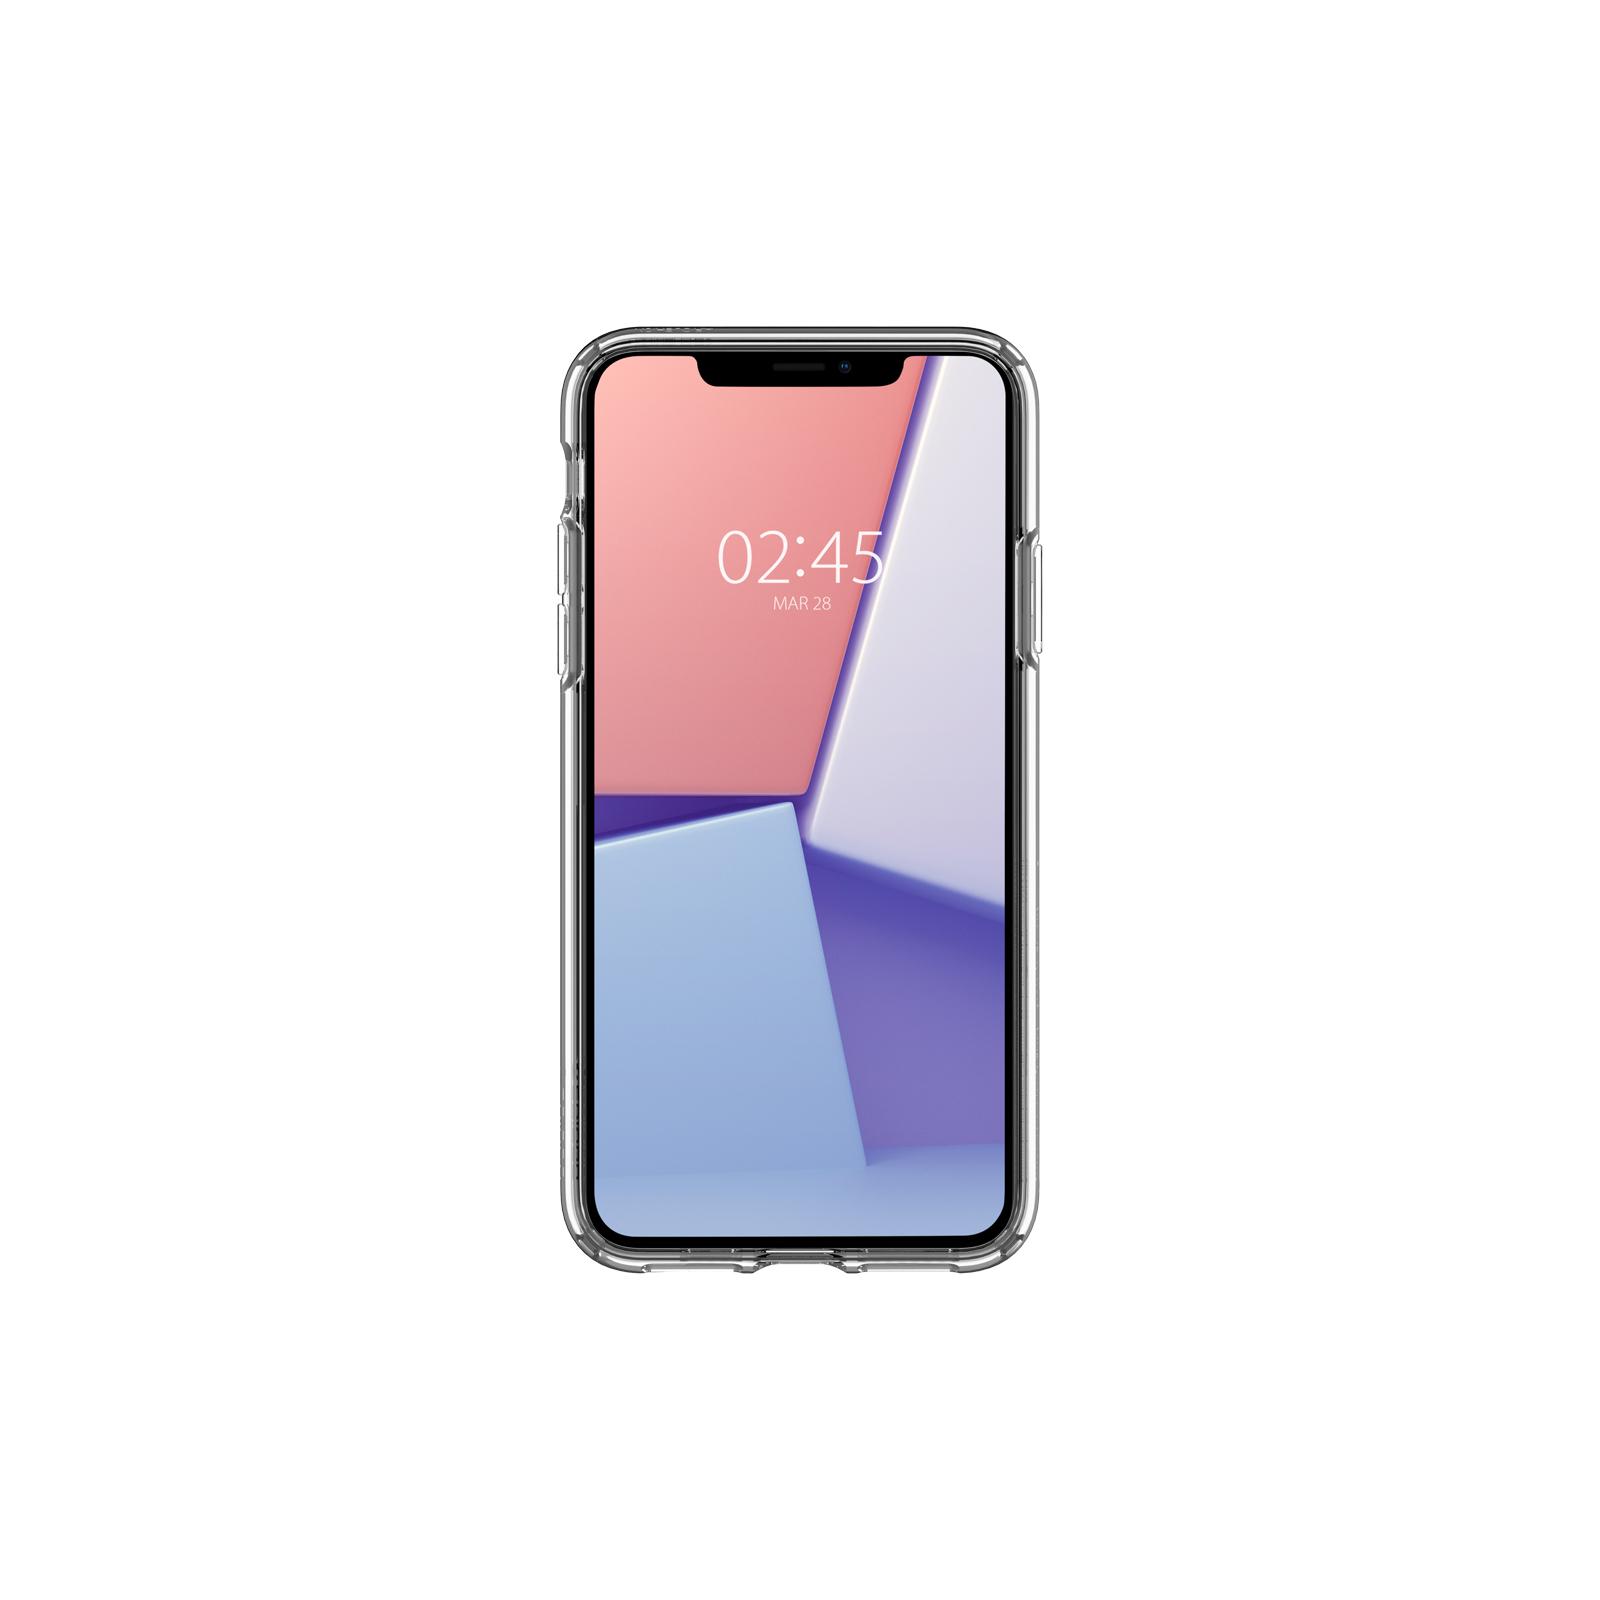 Чехол для моб. телефона Spigen iPhone 11 Crystal Hybrid, Crystal Clear (076CS27086) изображение 3